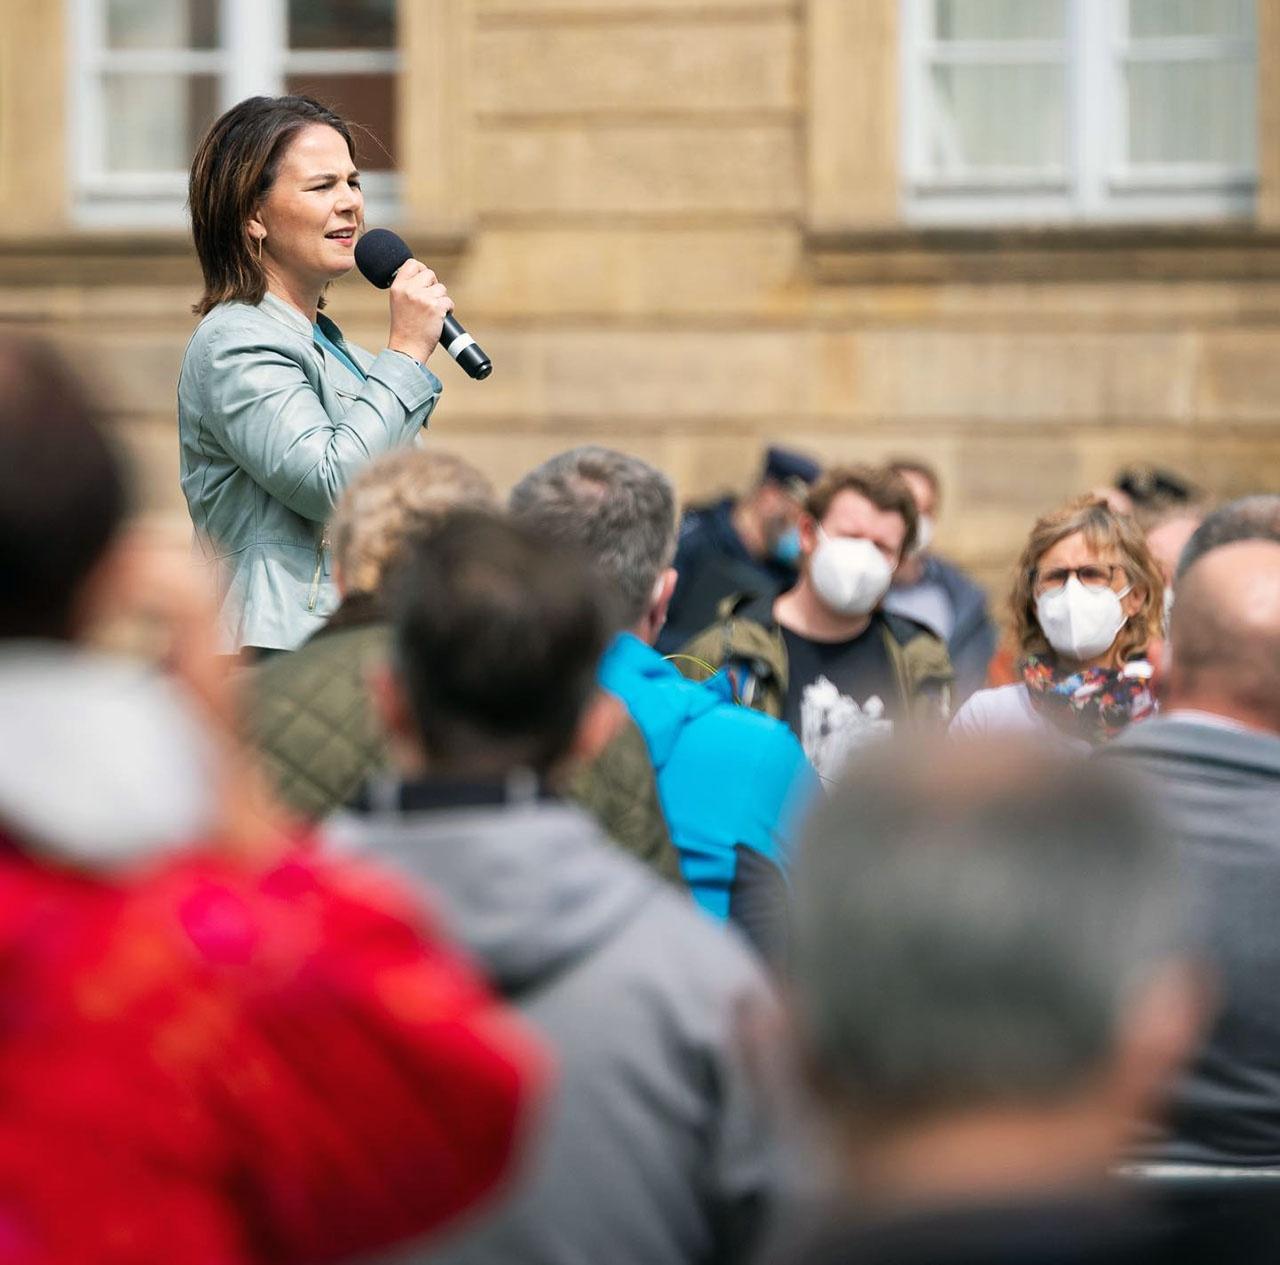 Кандидат в канцлеры от партии «Союз 90»/«зелёные» Анналена Бербок.